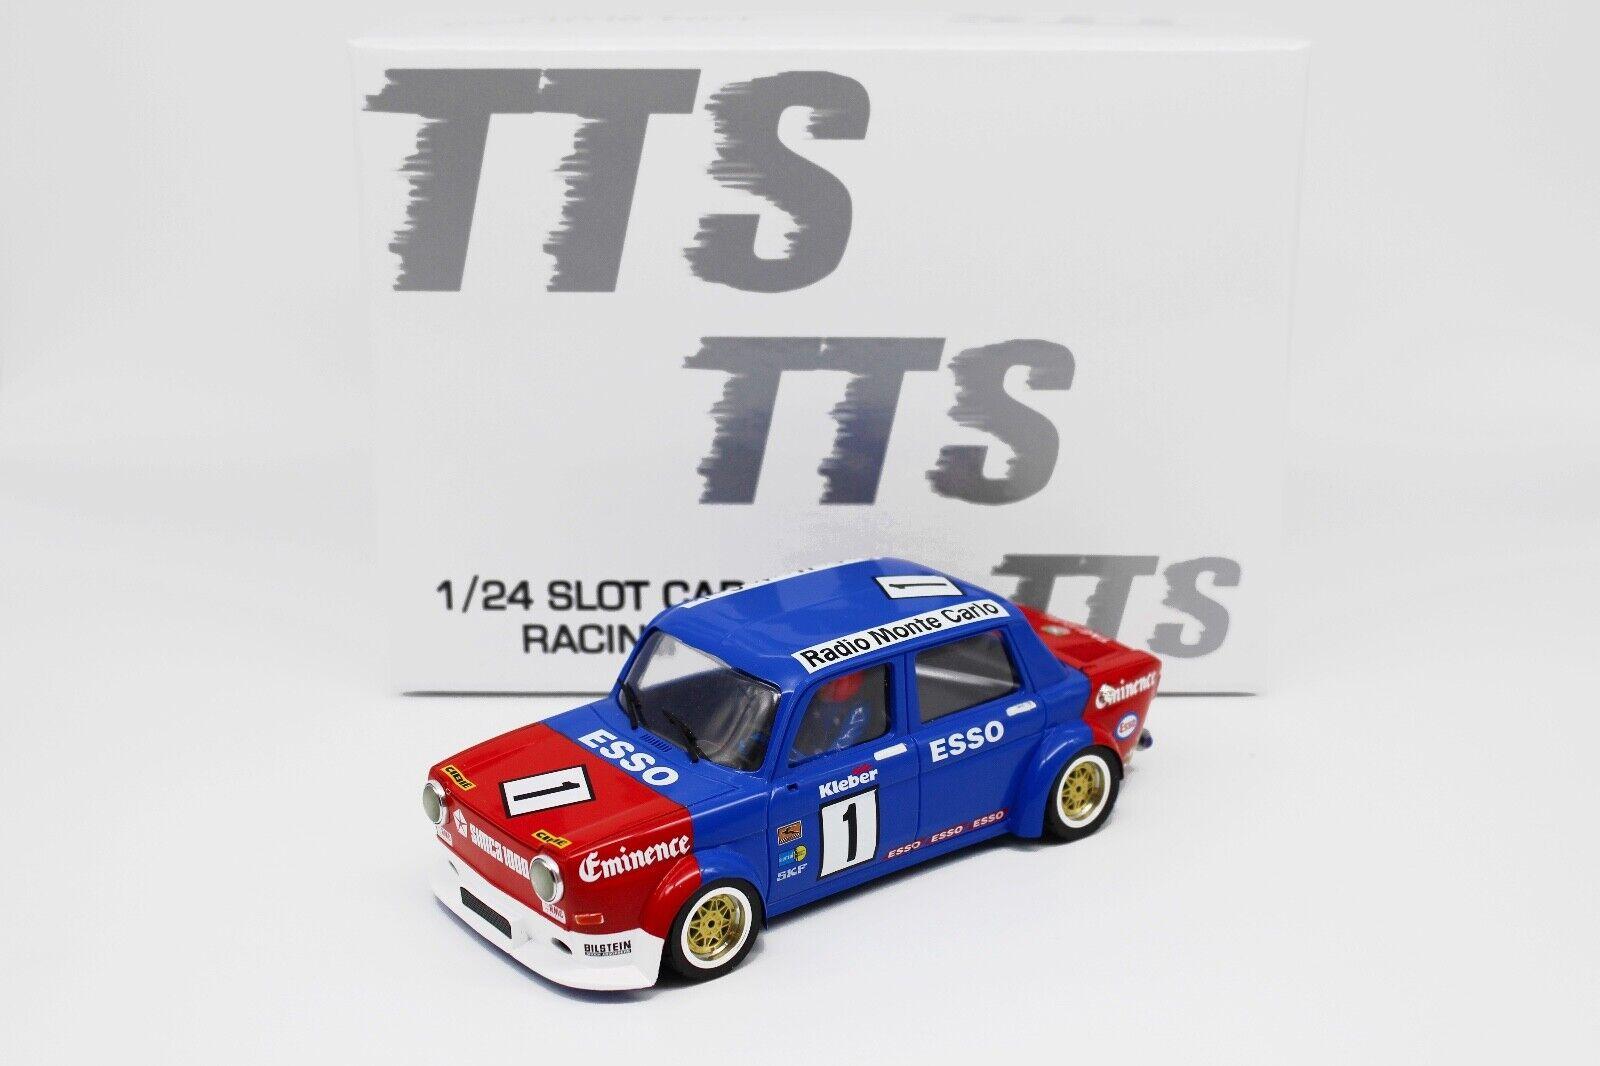 BRM TTS 025 Simca 1000 Rallye Esso No.1 1 24